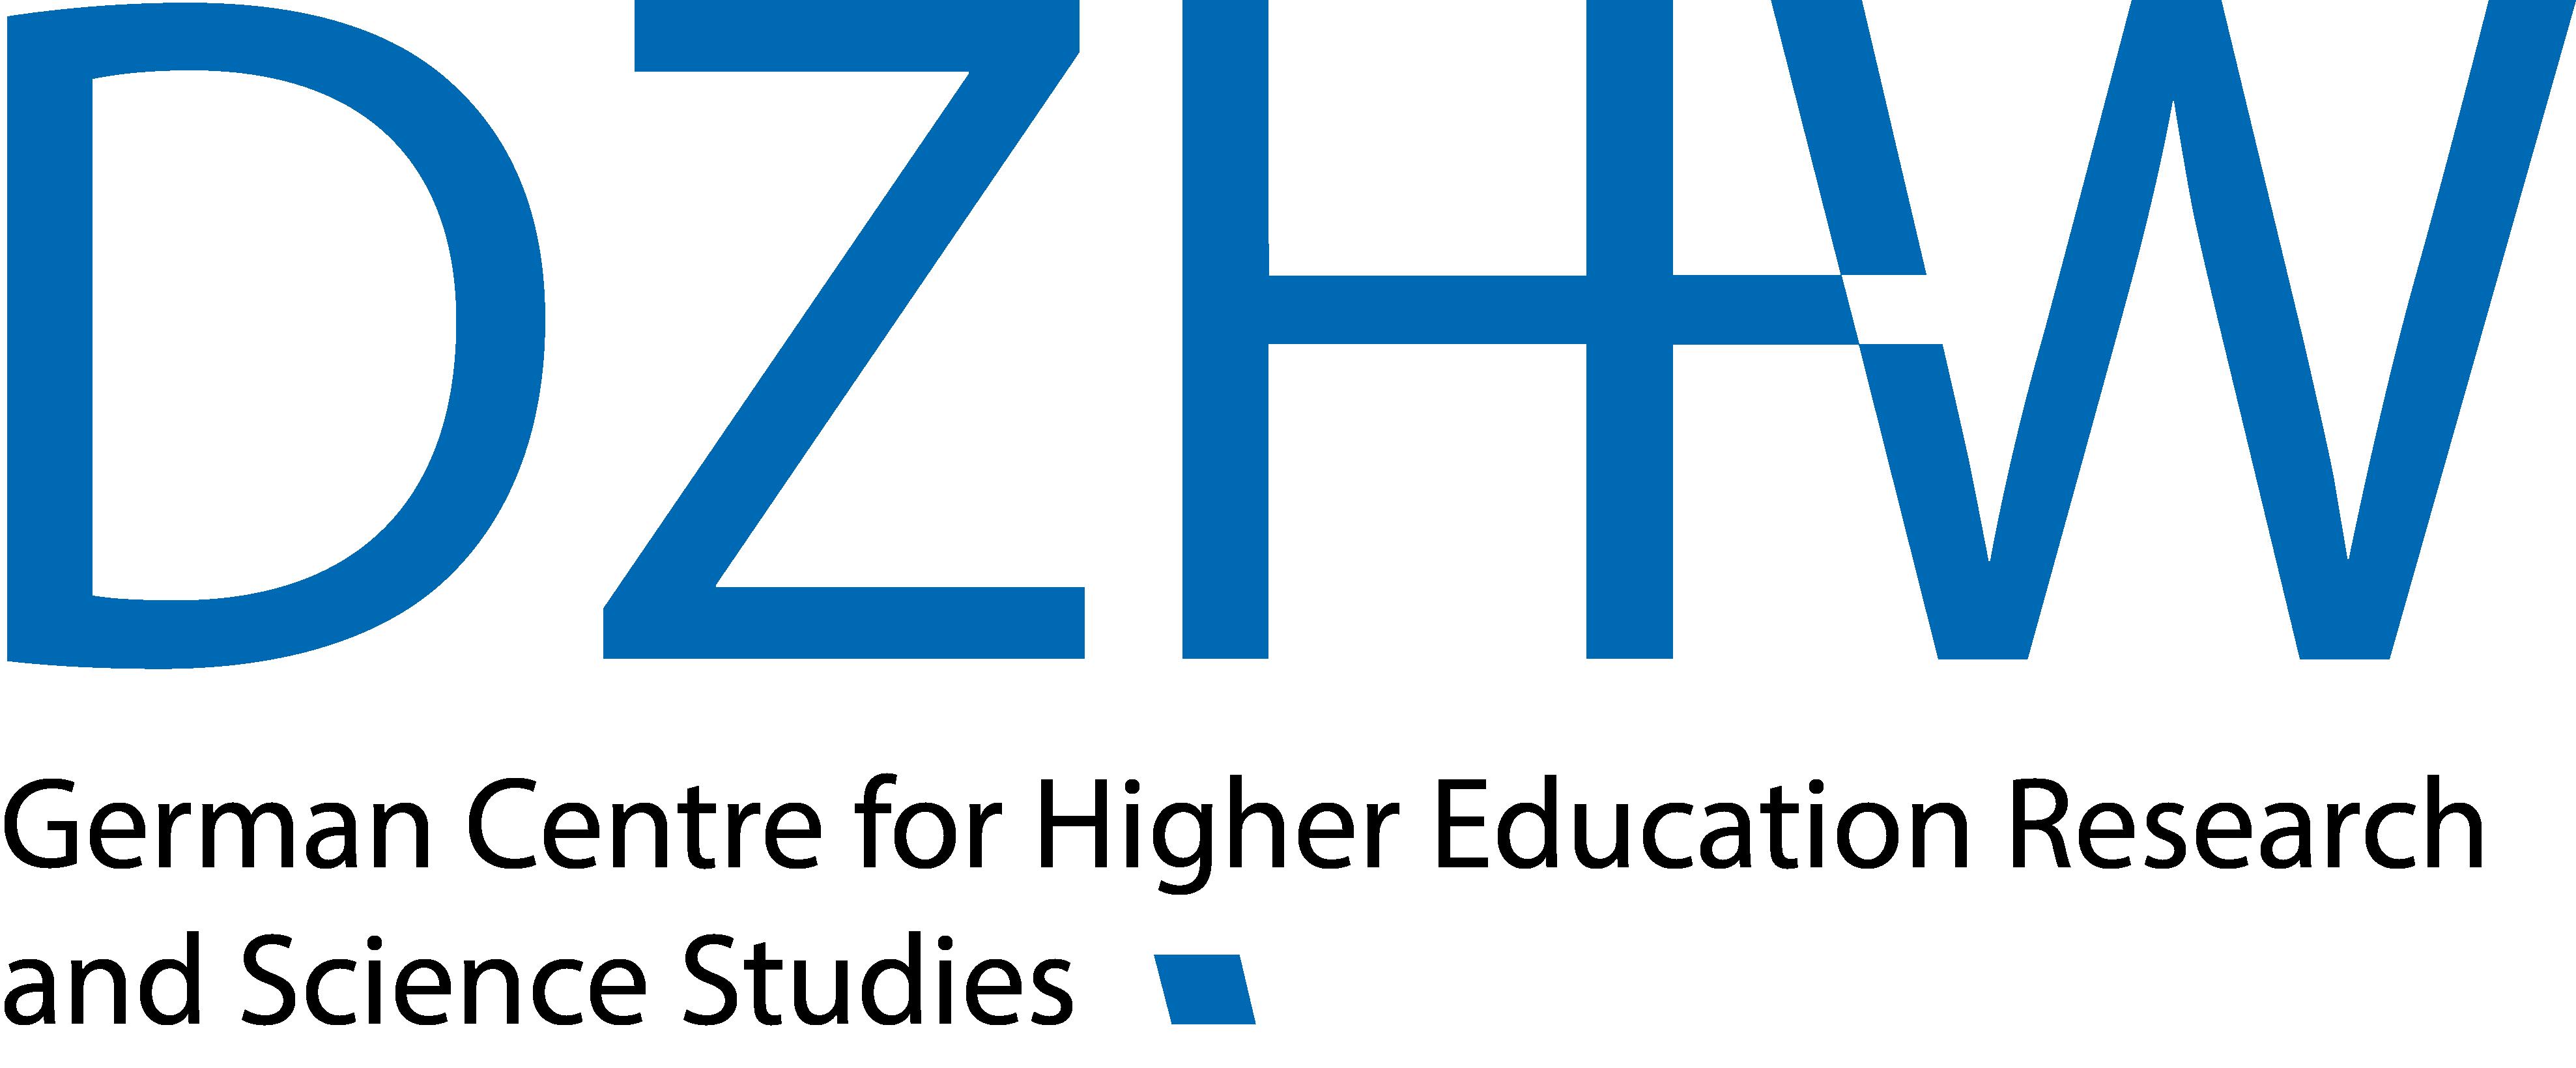 link to dzhw website